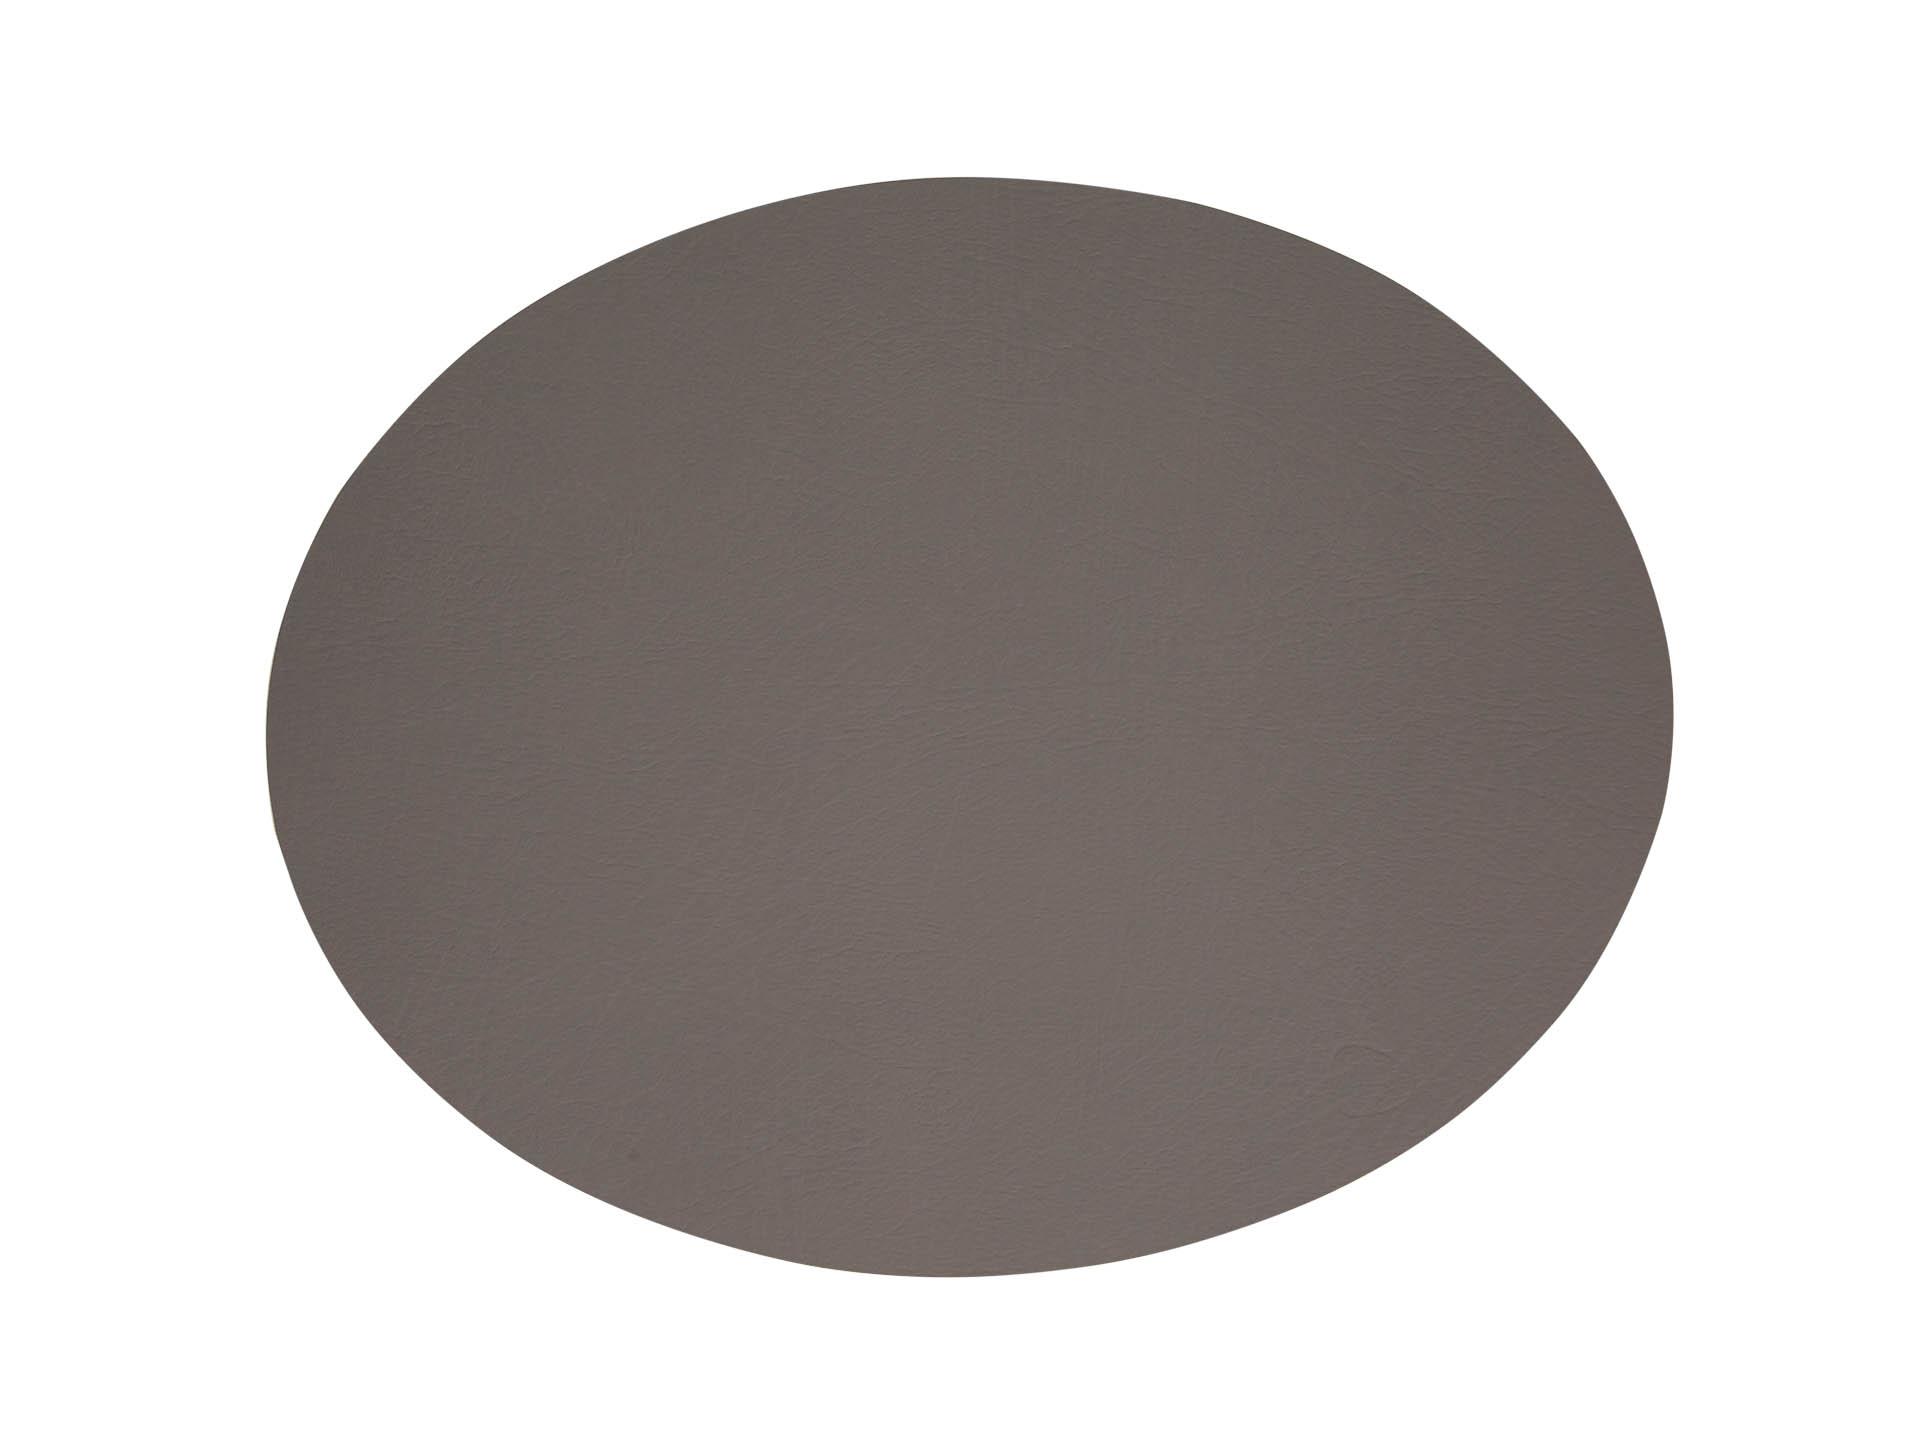 Tischset oval 35x46 DOUBLE schwarz met.